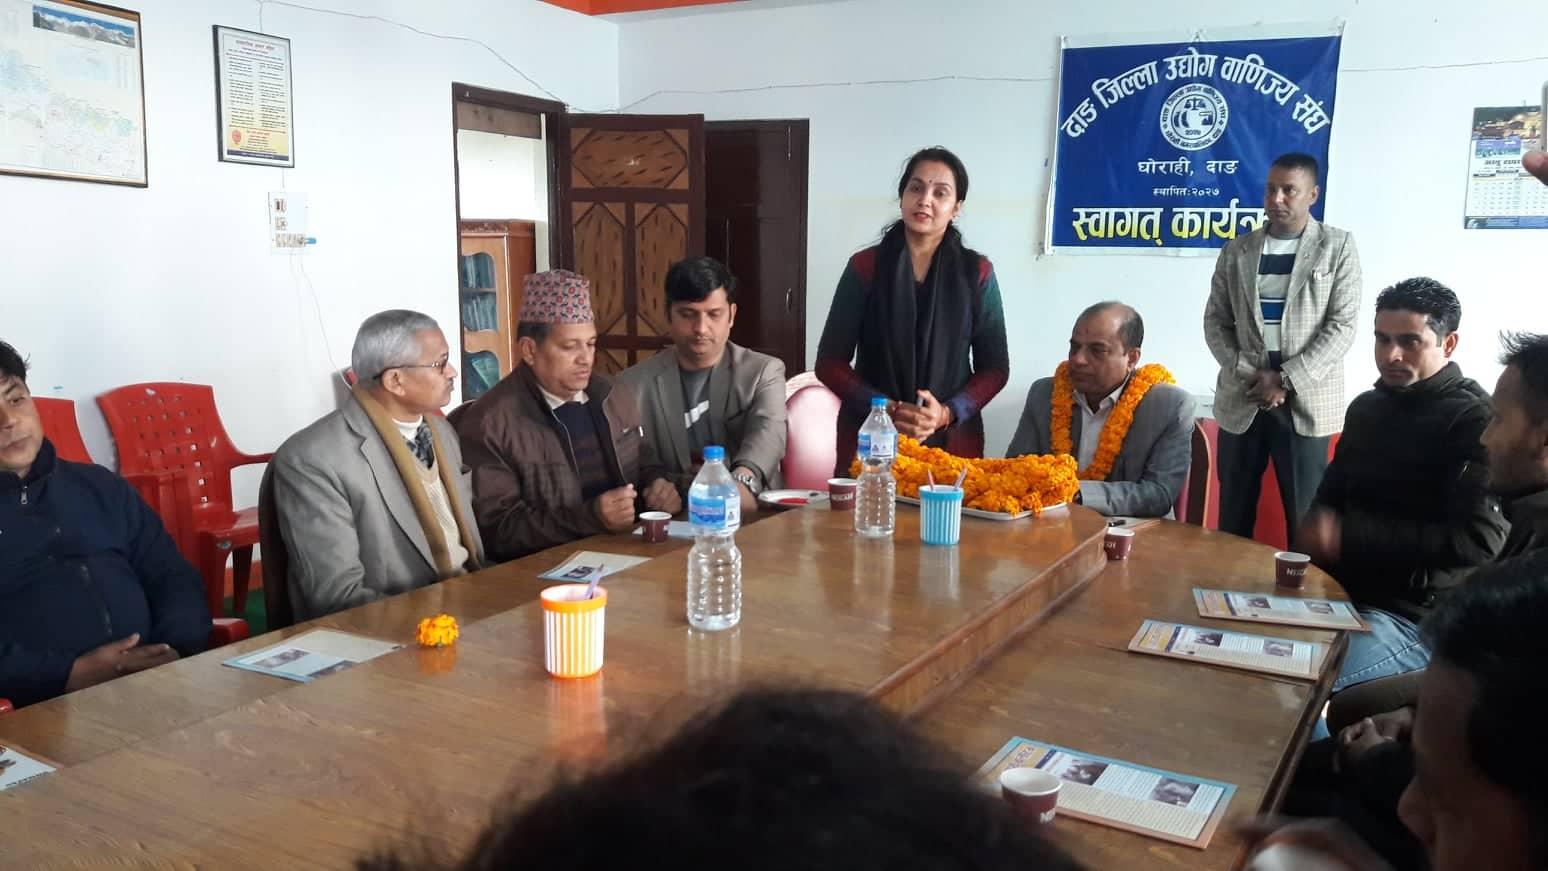 नेपाली जनताको समग्रमा समाजिक आर्थिक बिकाश गर्नका लागी कृषि क्षेत्रको विकासको लागि योजना निर्माण गरेर अगाडि वढनुपर्ने  कृषि तथा पशुपक्षी विकास मन्त्रि चक्रपाणी खनाल (बलदेव)